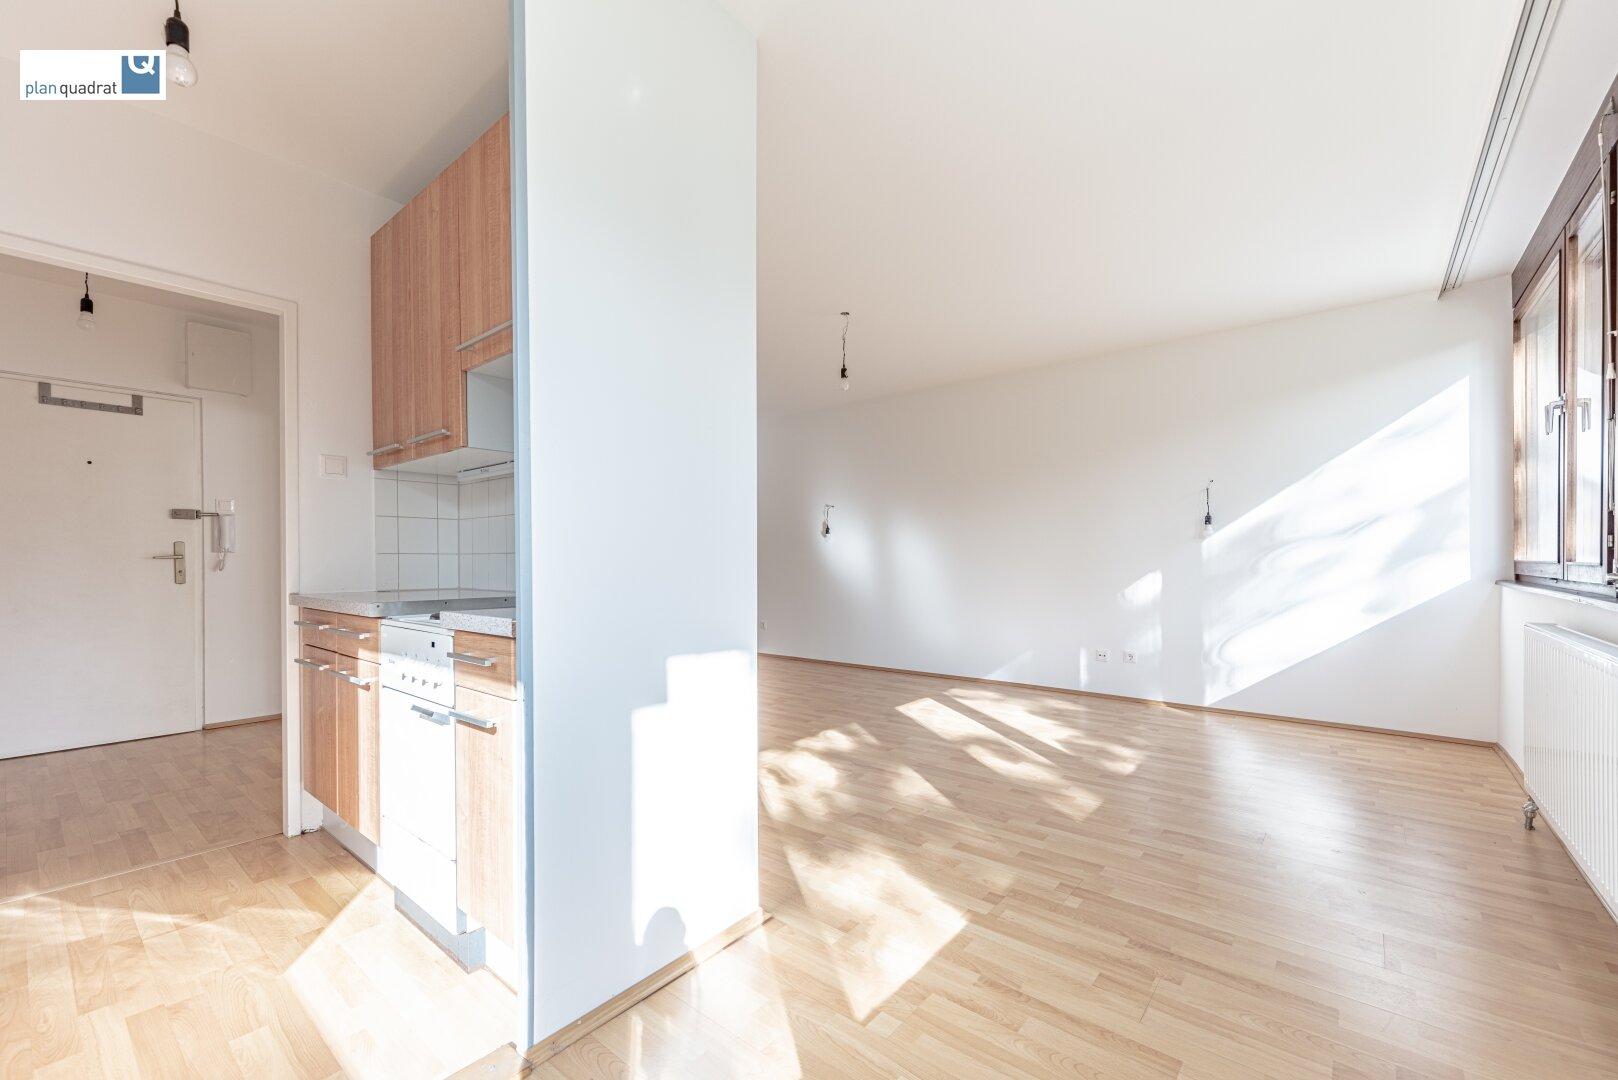 Wohn- / Esszimmer (ca. 23,80 m²) und Küche (ca. 6,00 m²)